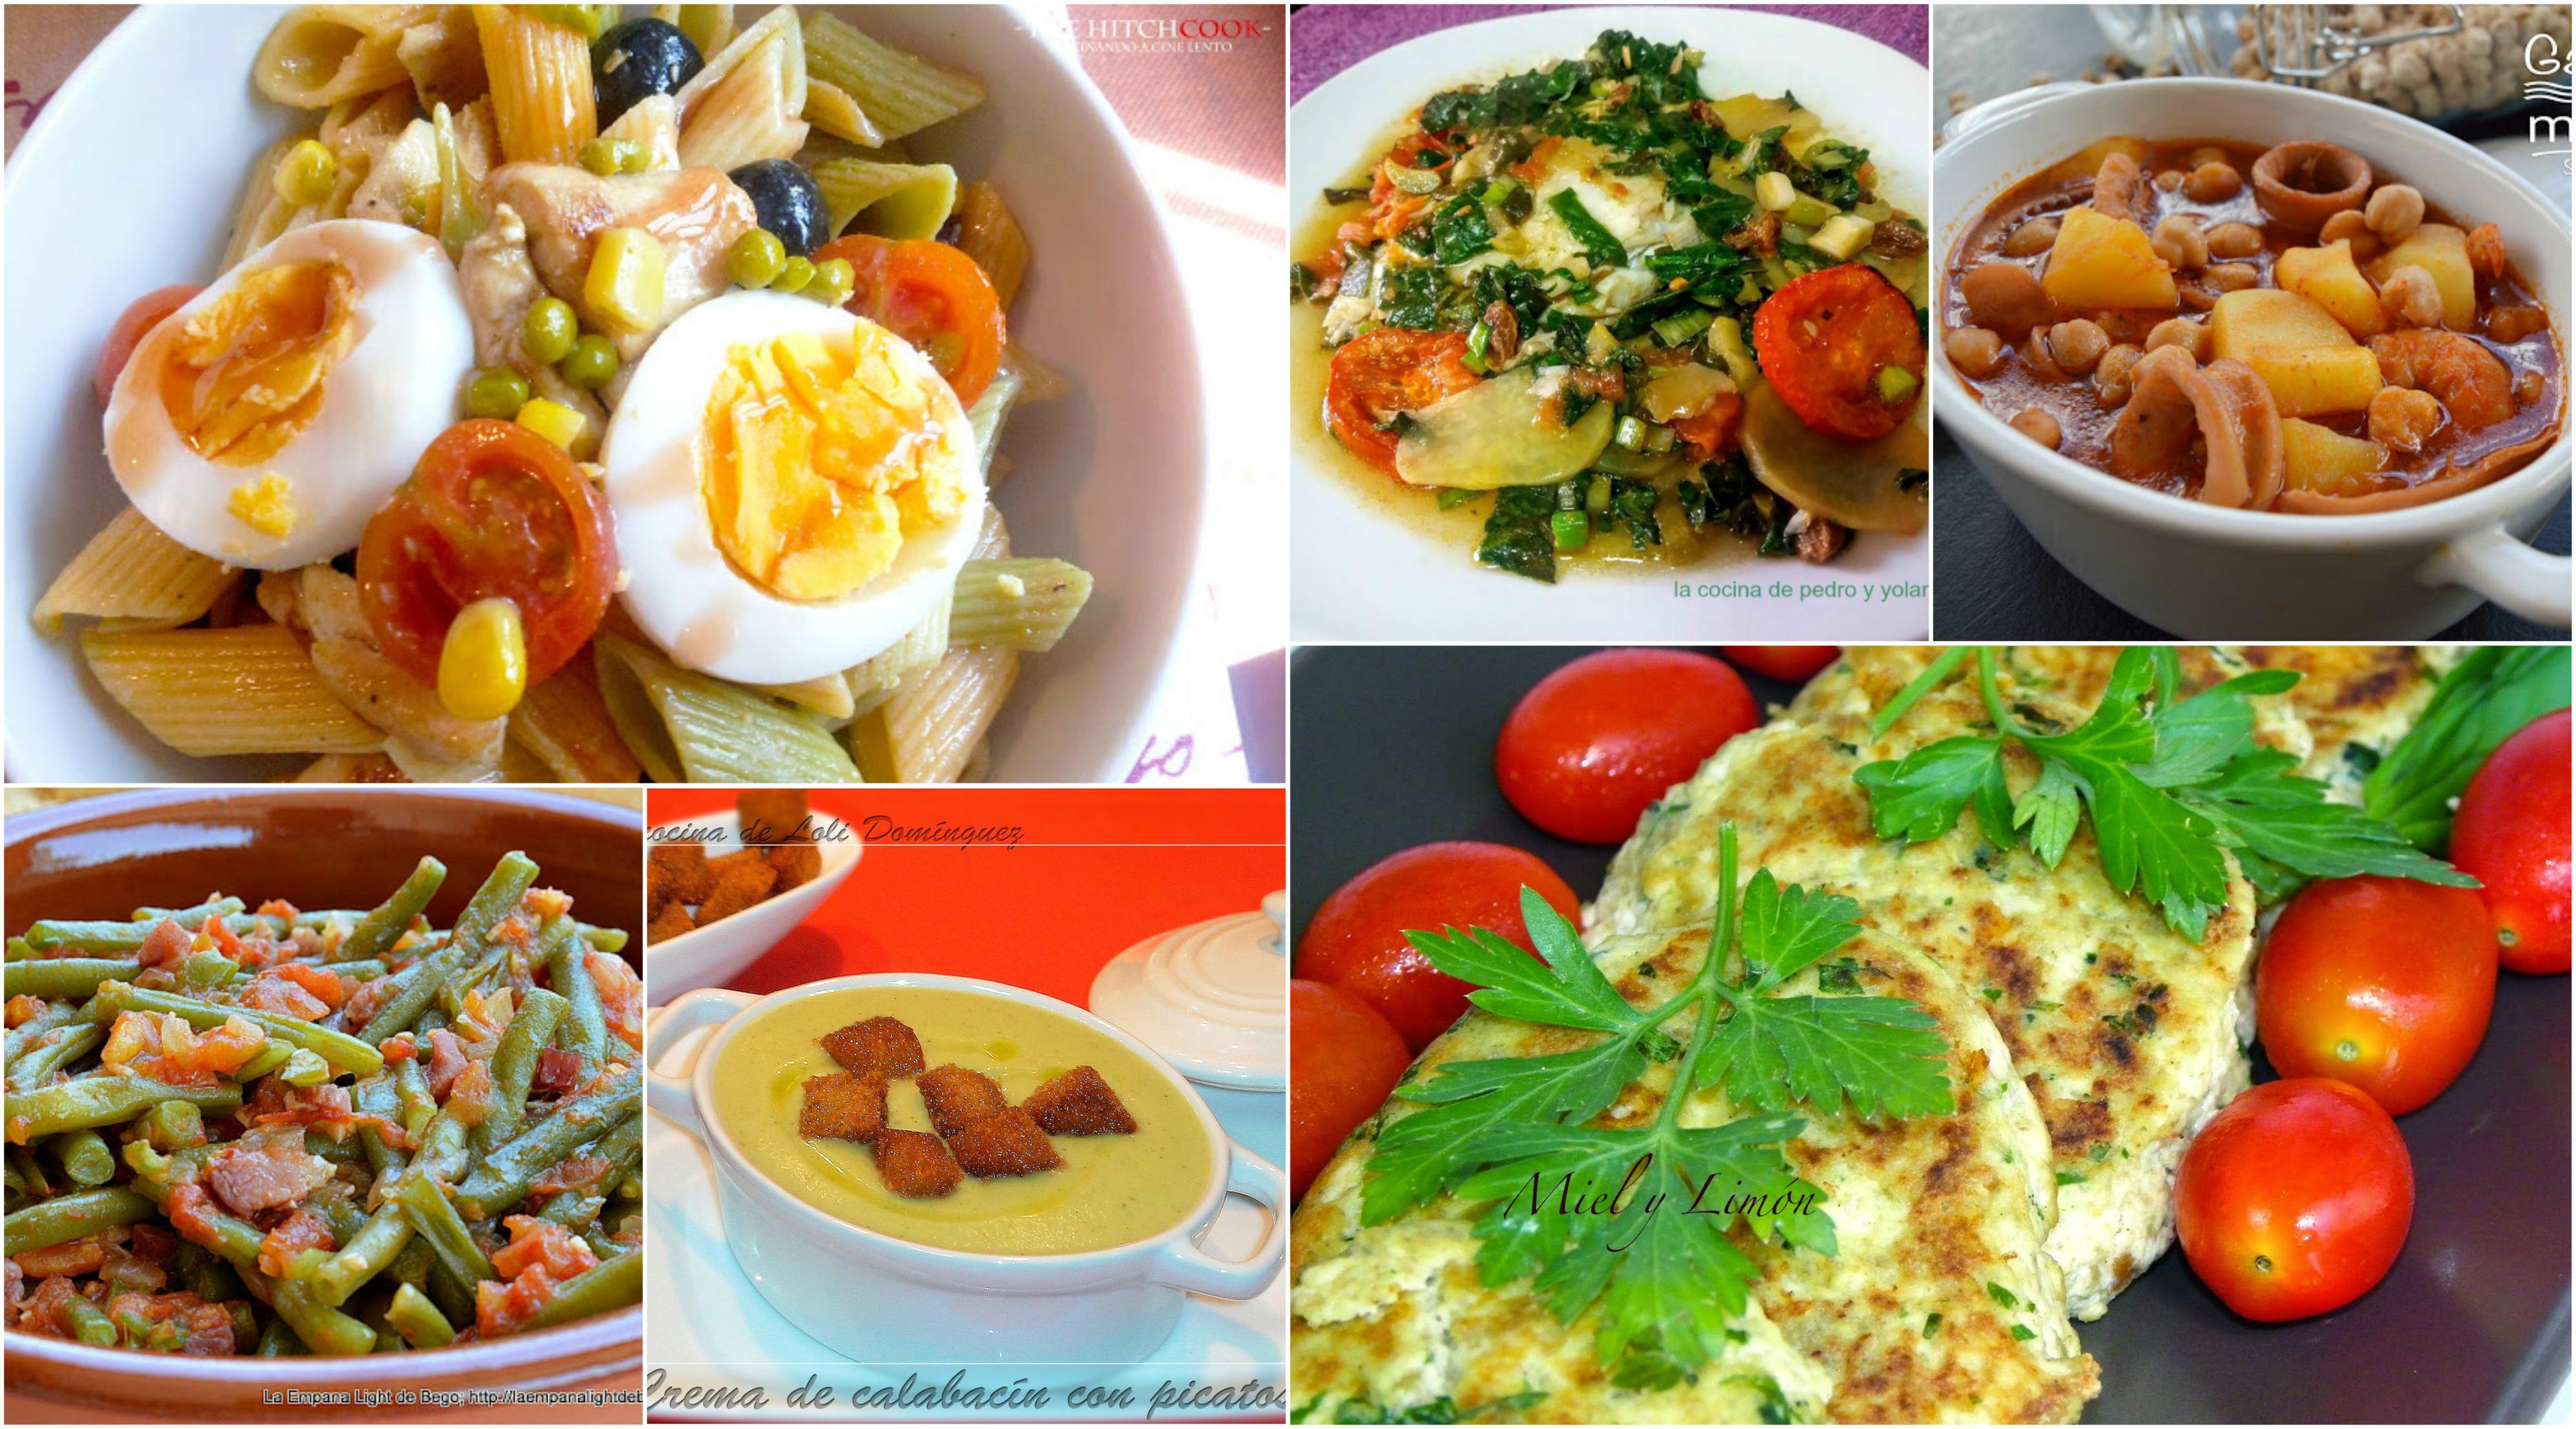 6 recetas saludables la cocina de pedro y yolanda for Cocina de pedro y yolanda